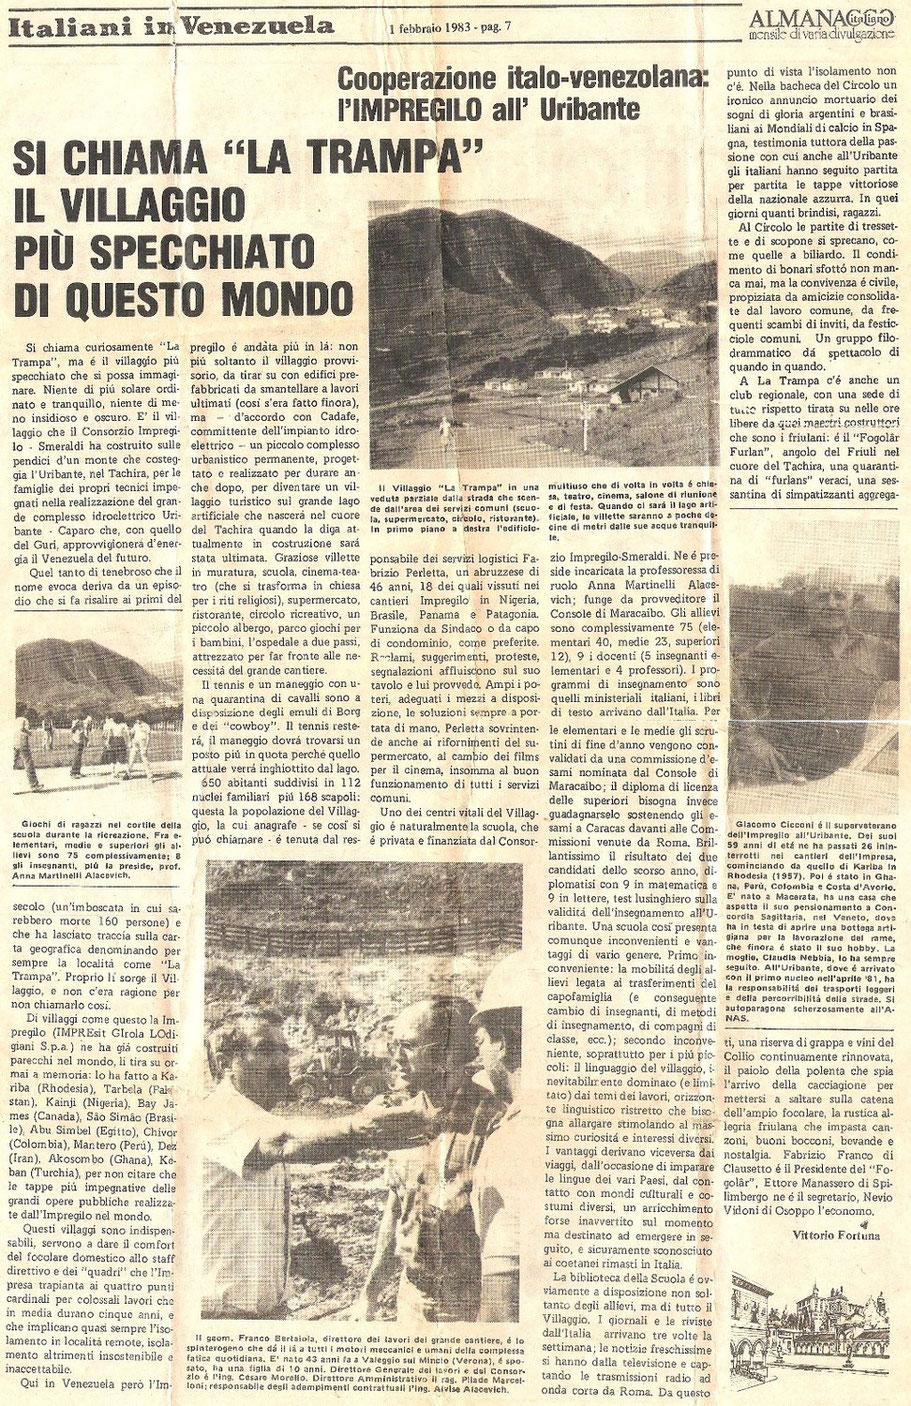 Articolo sulla TRAMPA del 01.02.1983